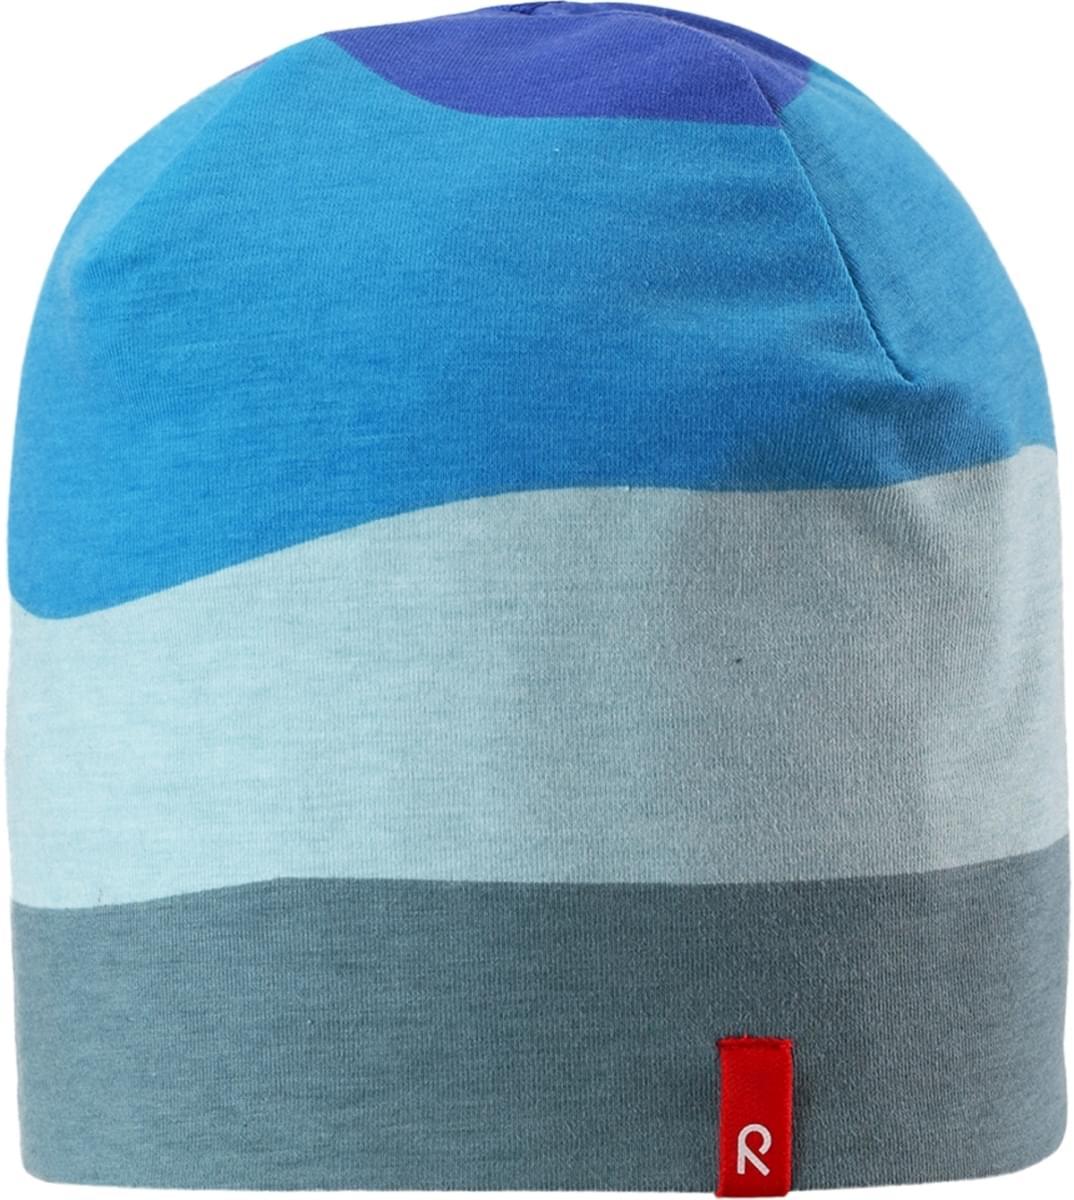 Detské prechodné čiapky REIMA